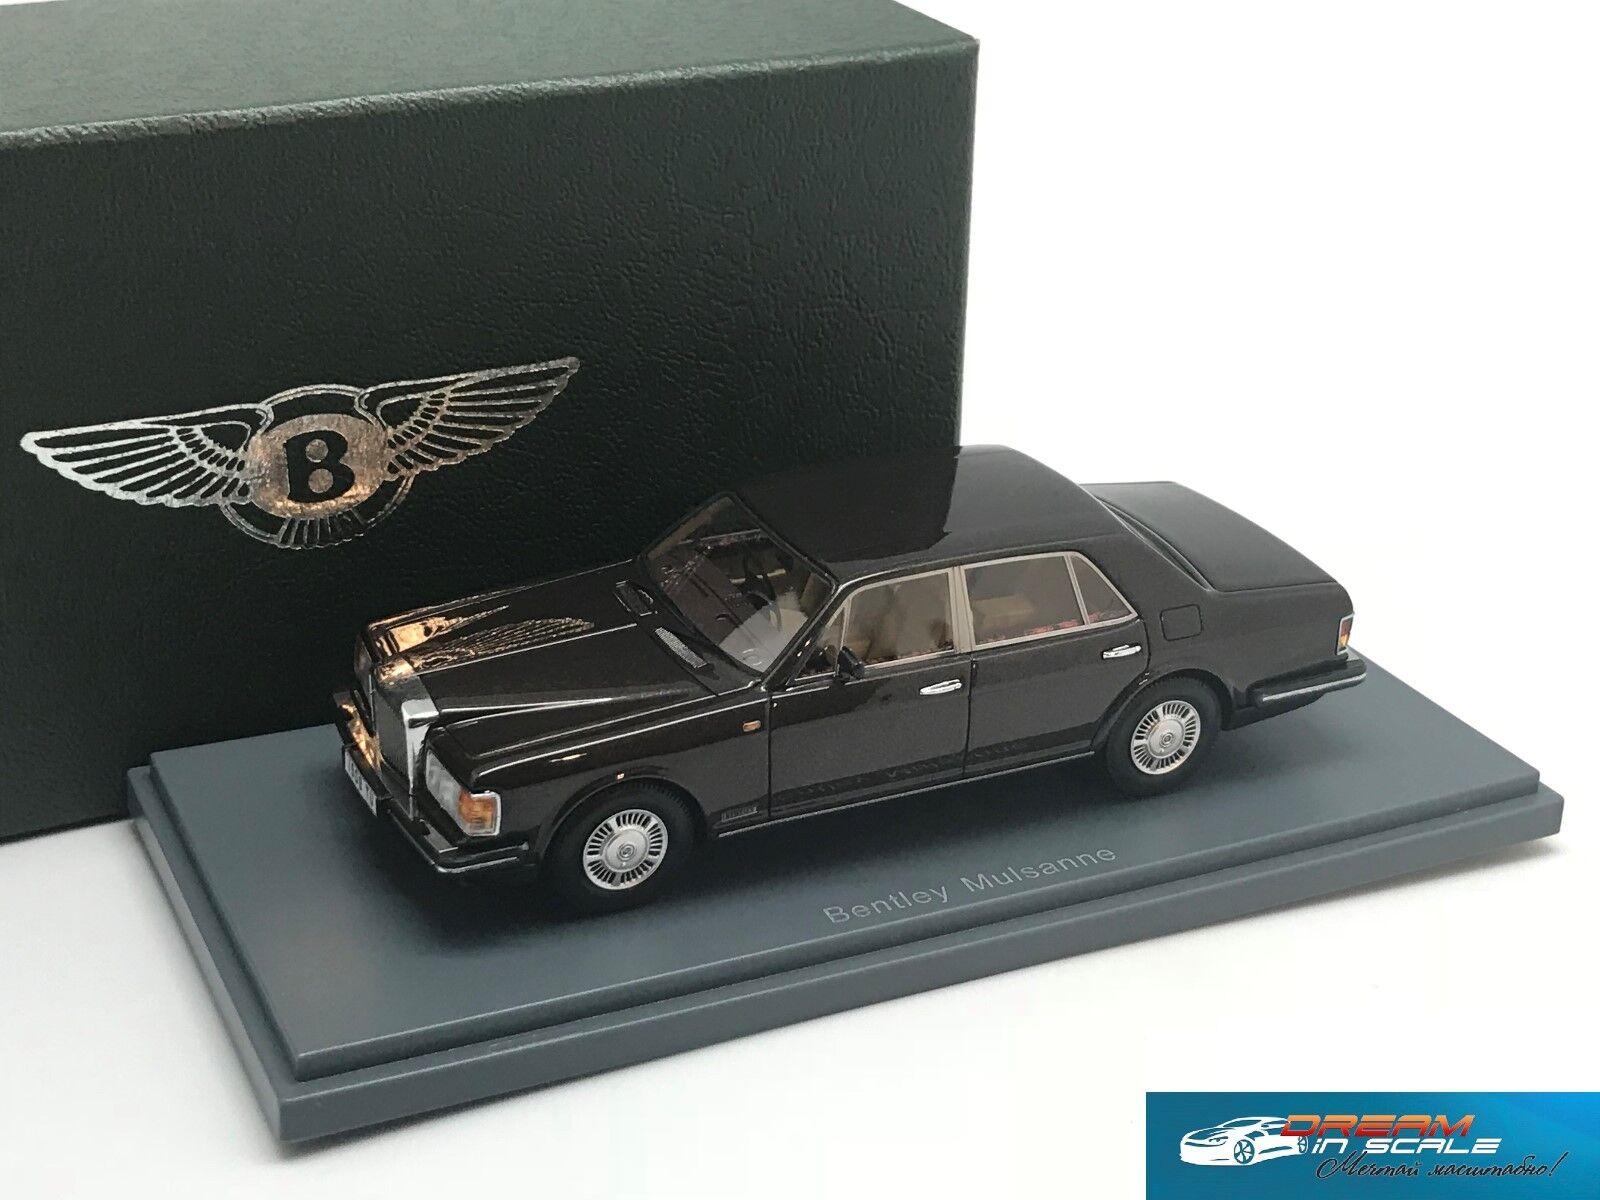 Bentley Mulsanne Turbo Marronee se reunió 1982 NEO44170 1 43